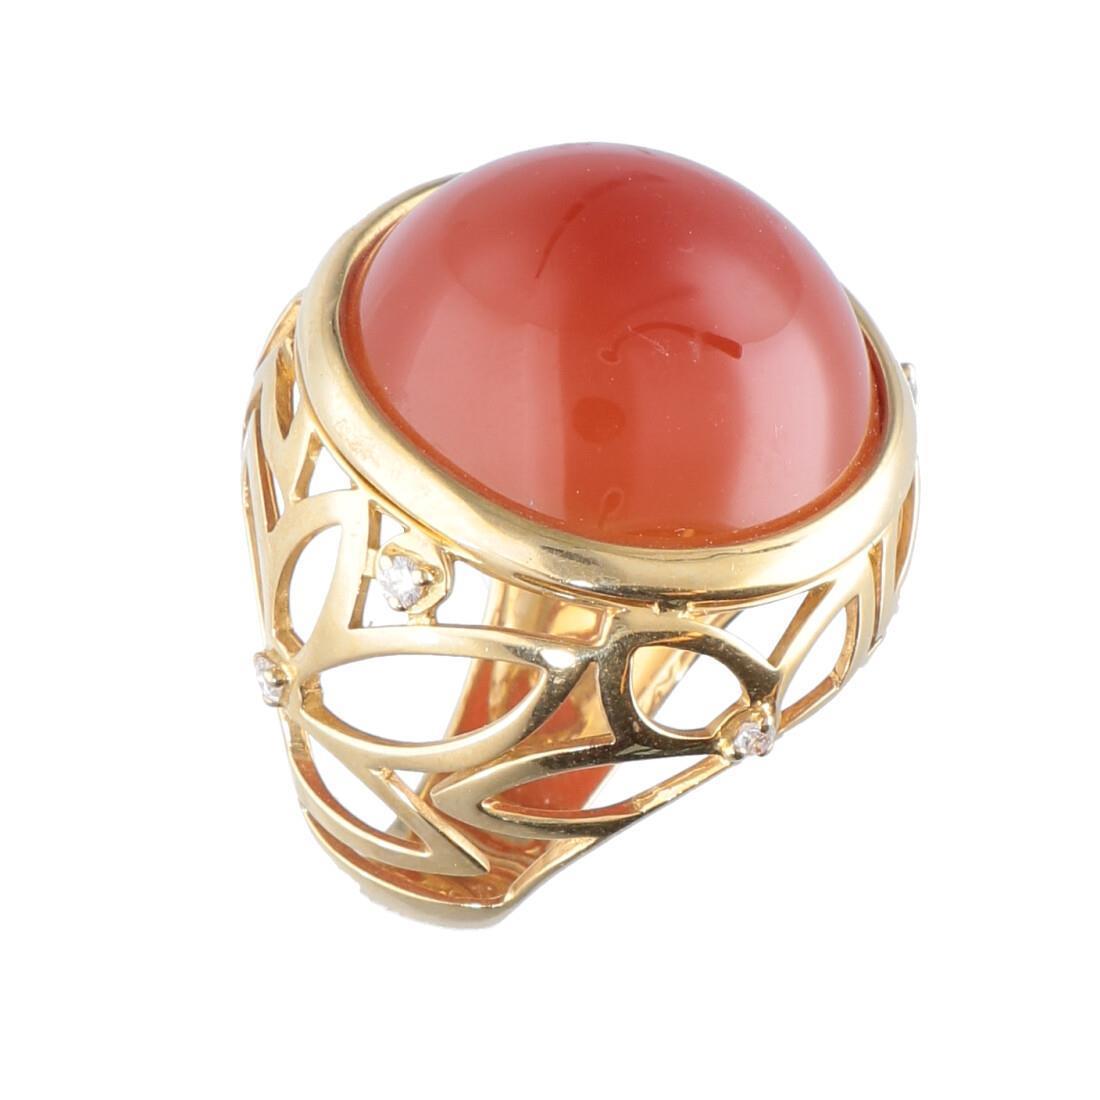 Anello in oro giallo con pietra rossa mis 12 - ALFIERI & ST. JOHN